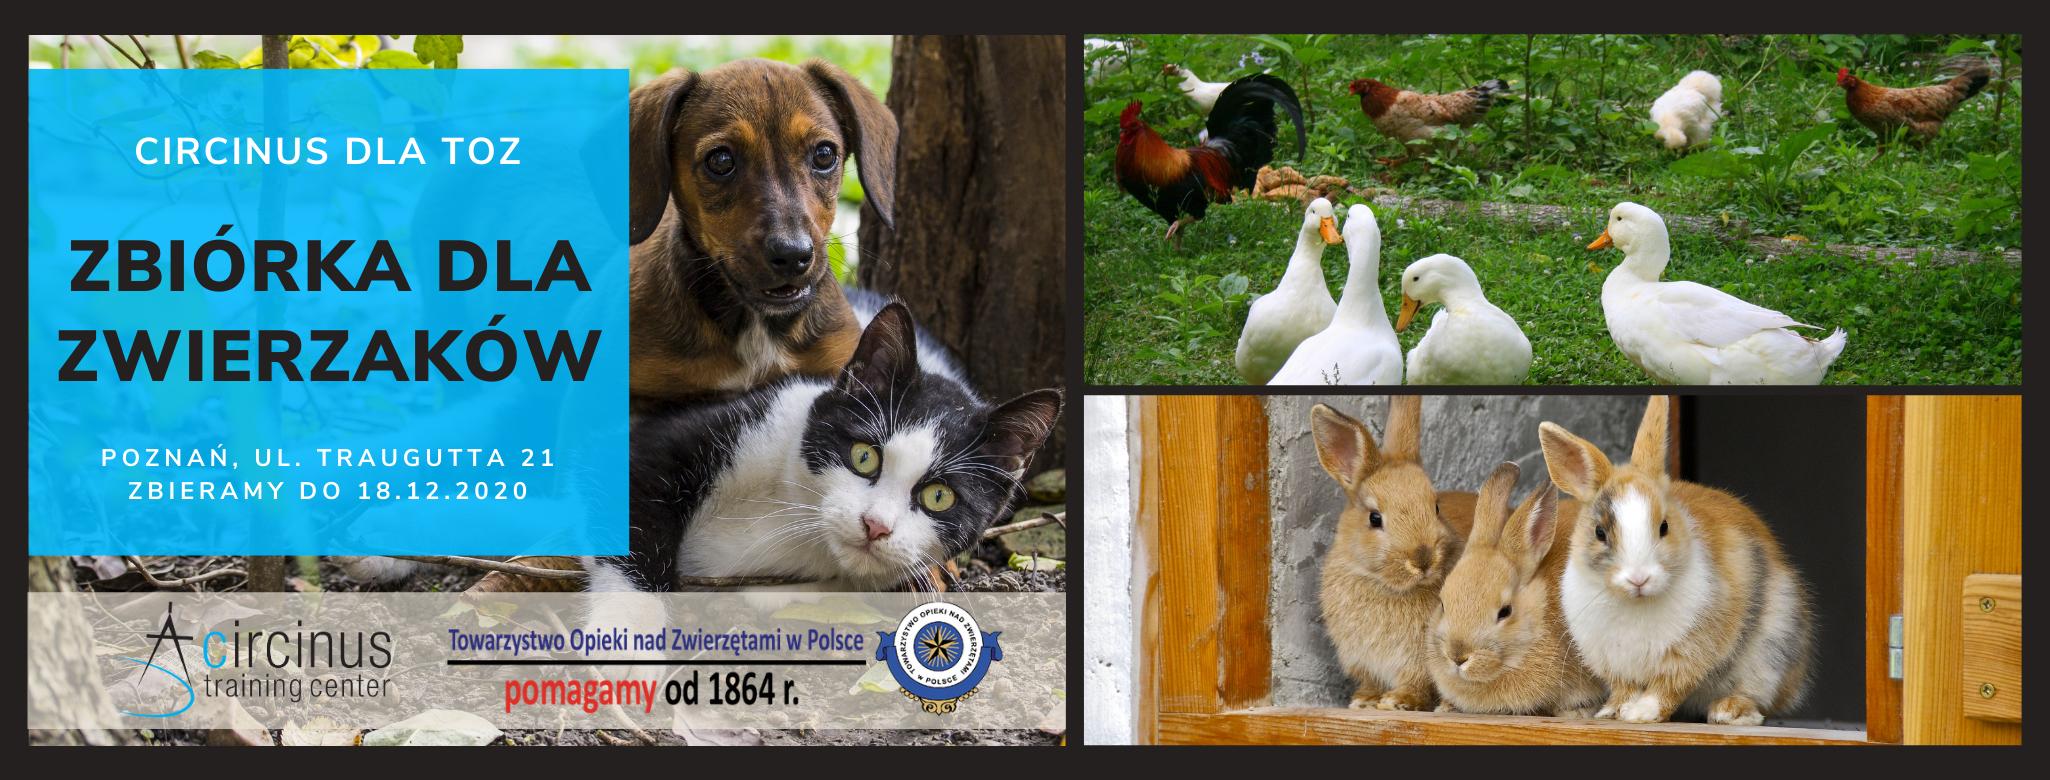 CIRCINUS dla TOZ – łączymy siły dla zwierzaków!